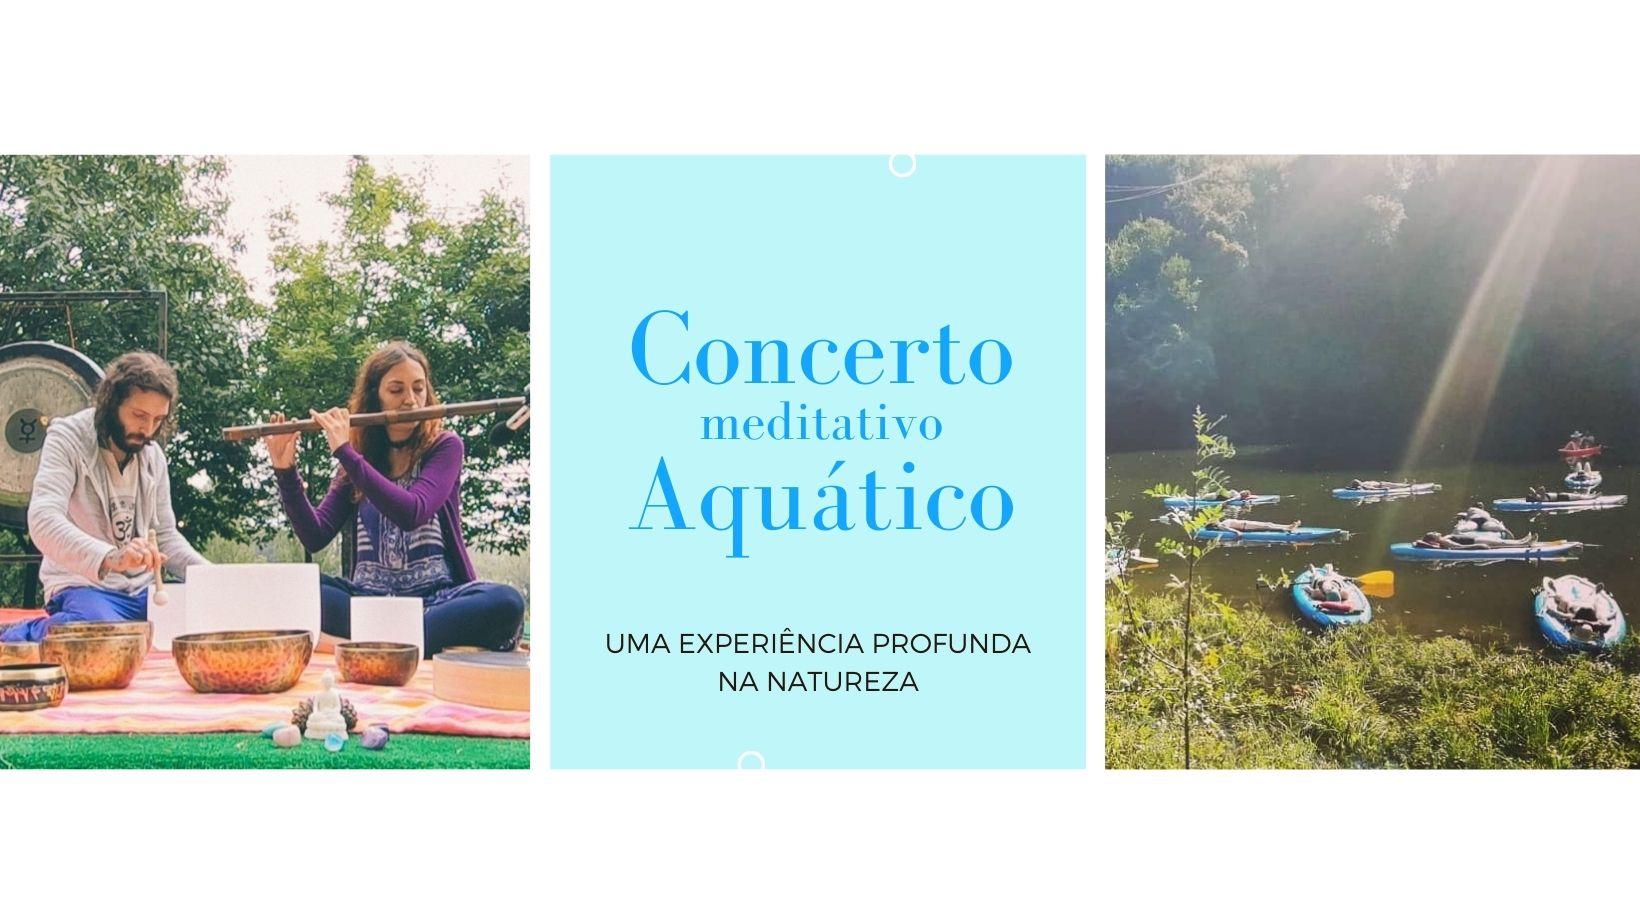 Concerto Meditativo Aquático